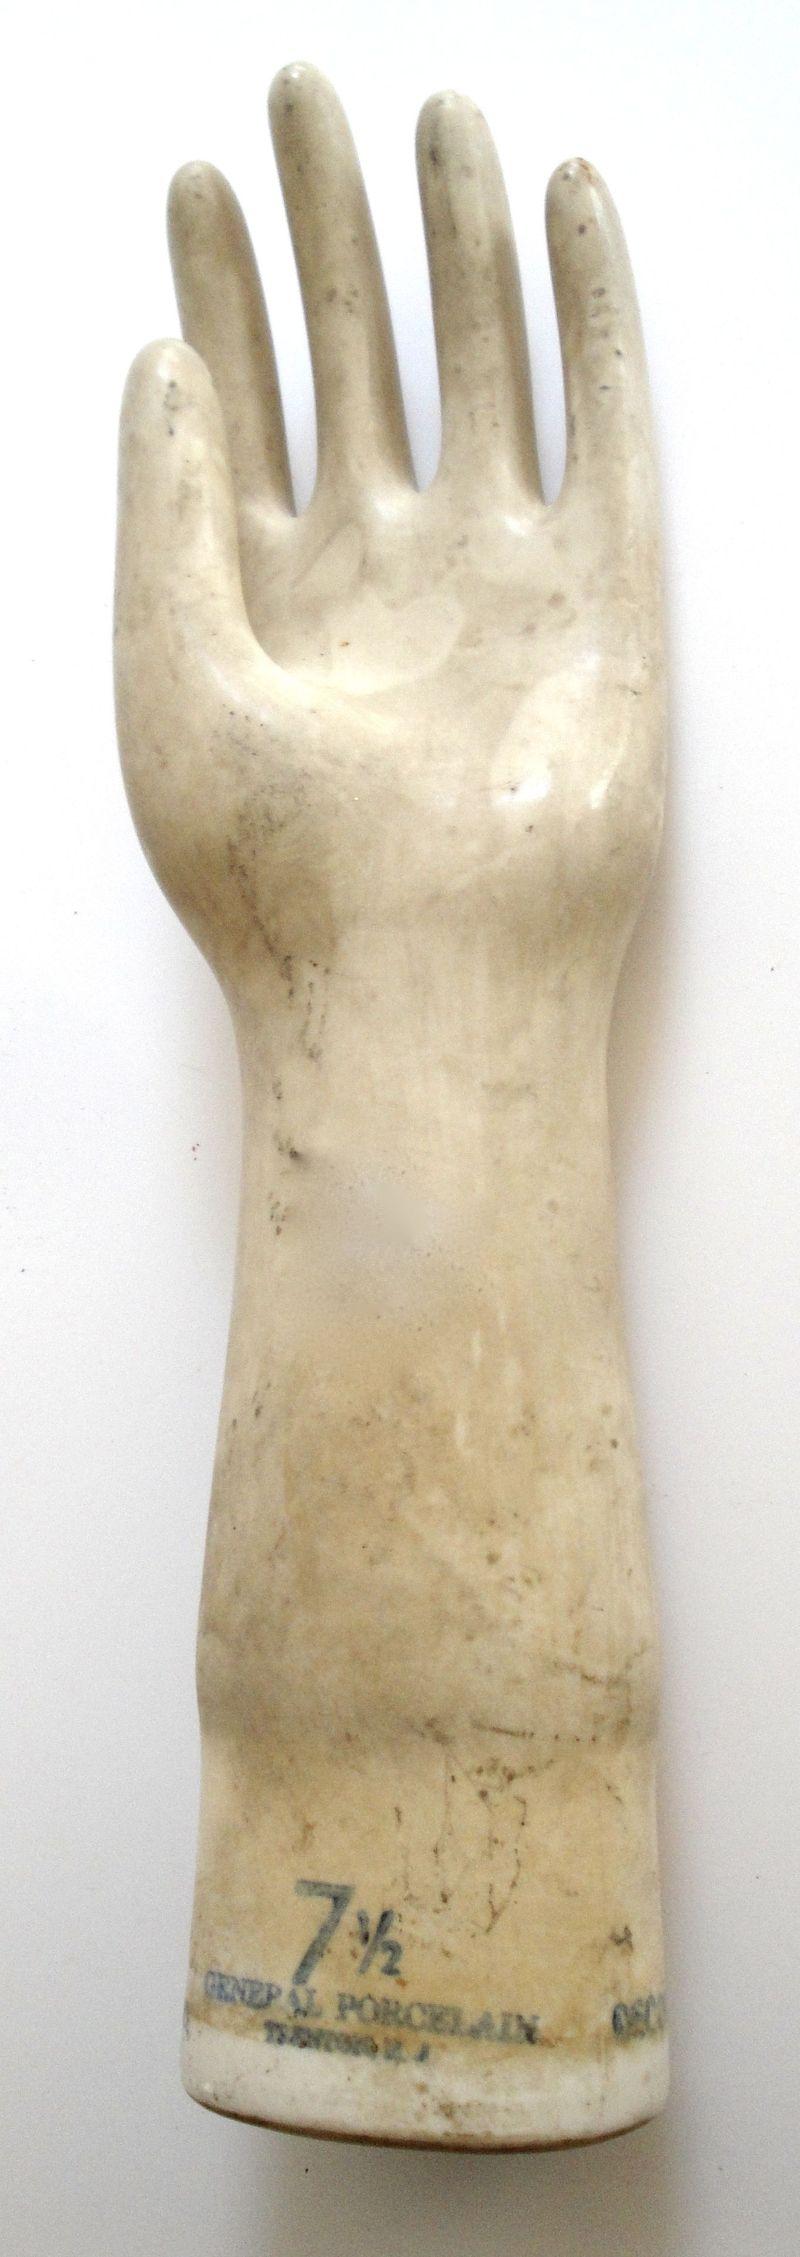 DSC04634